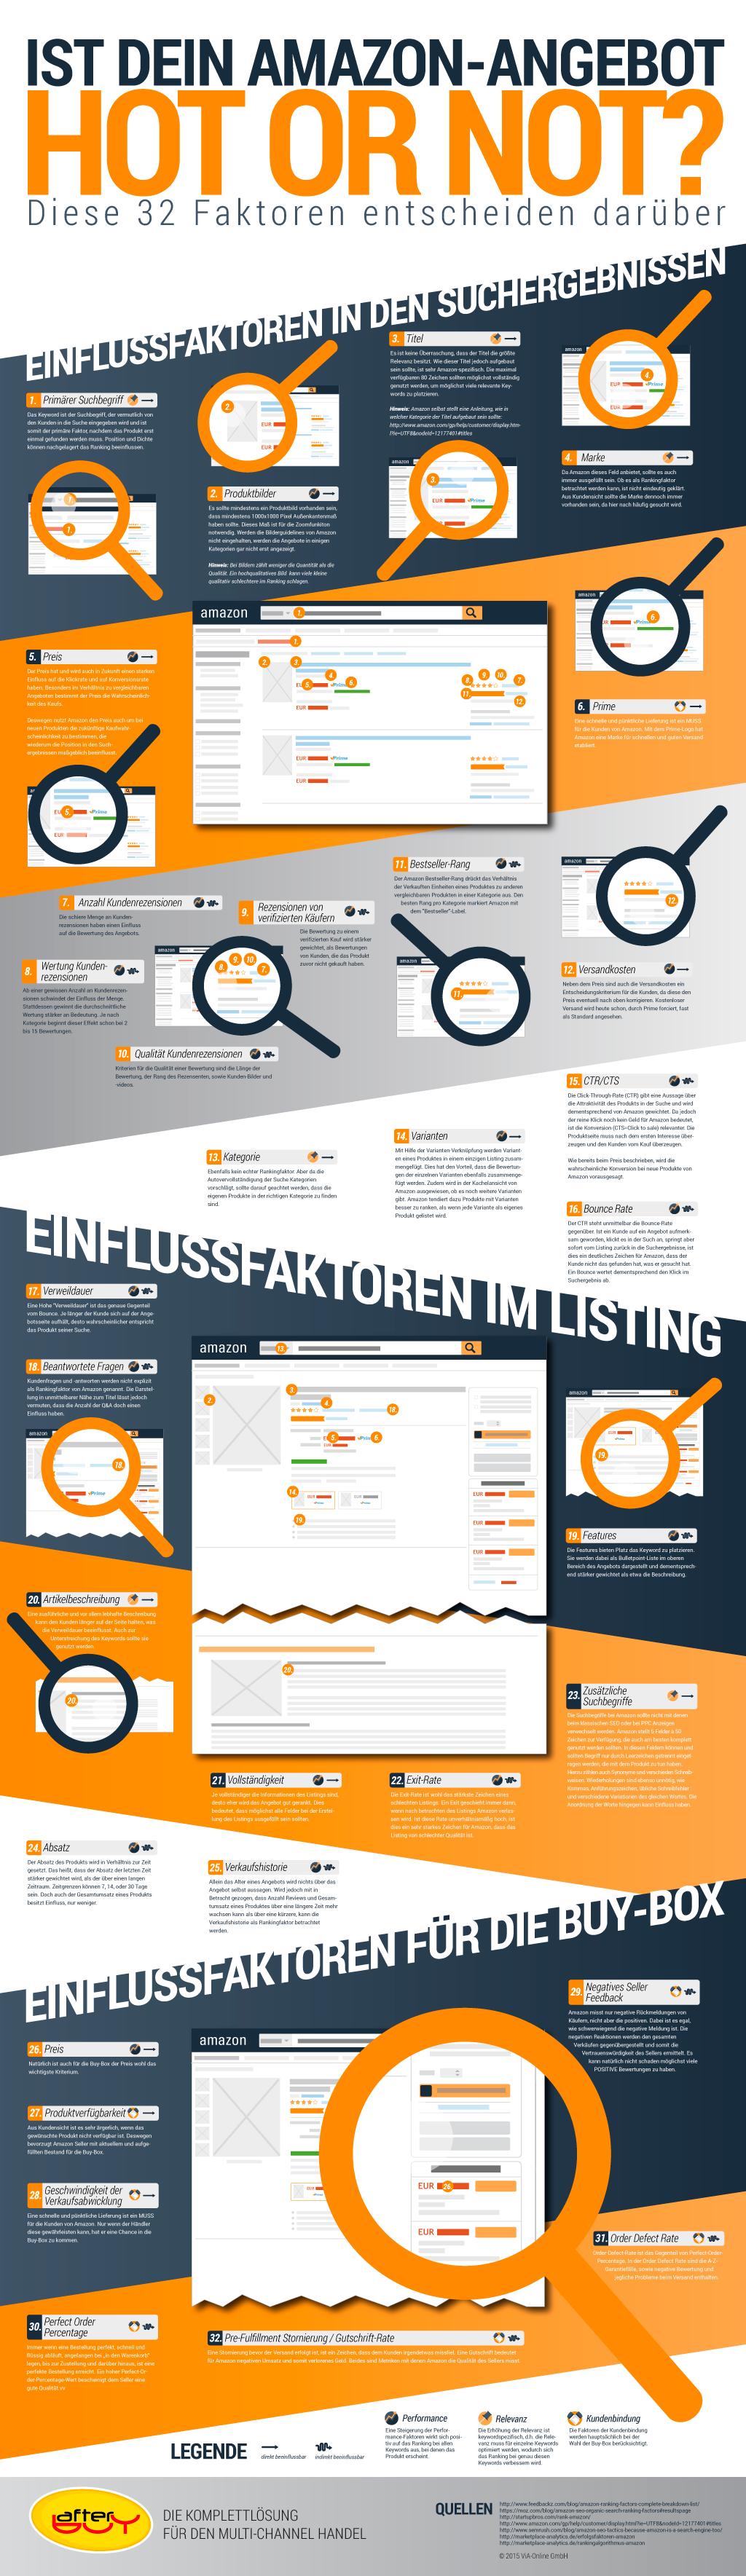 Infografik mit 32 Einflussfaktoren des Amazonrankings, aufgeteilt in Suchergebnis, Listing und Buy-Box